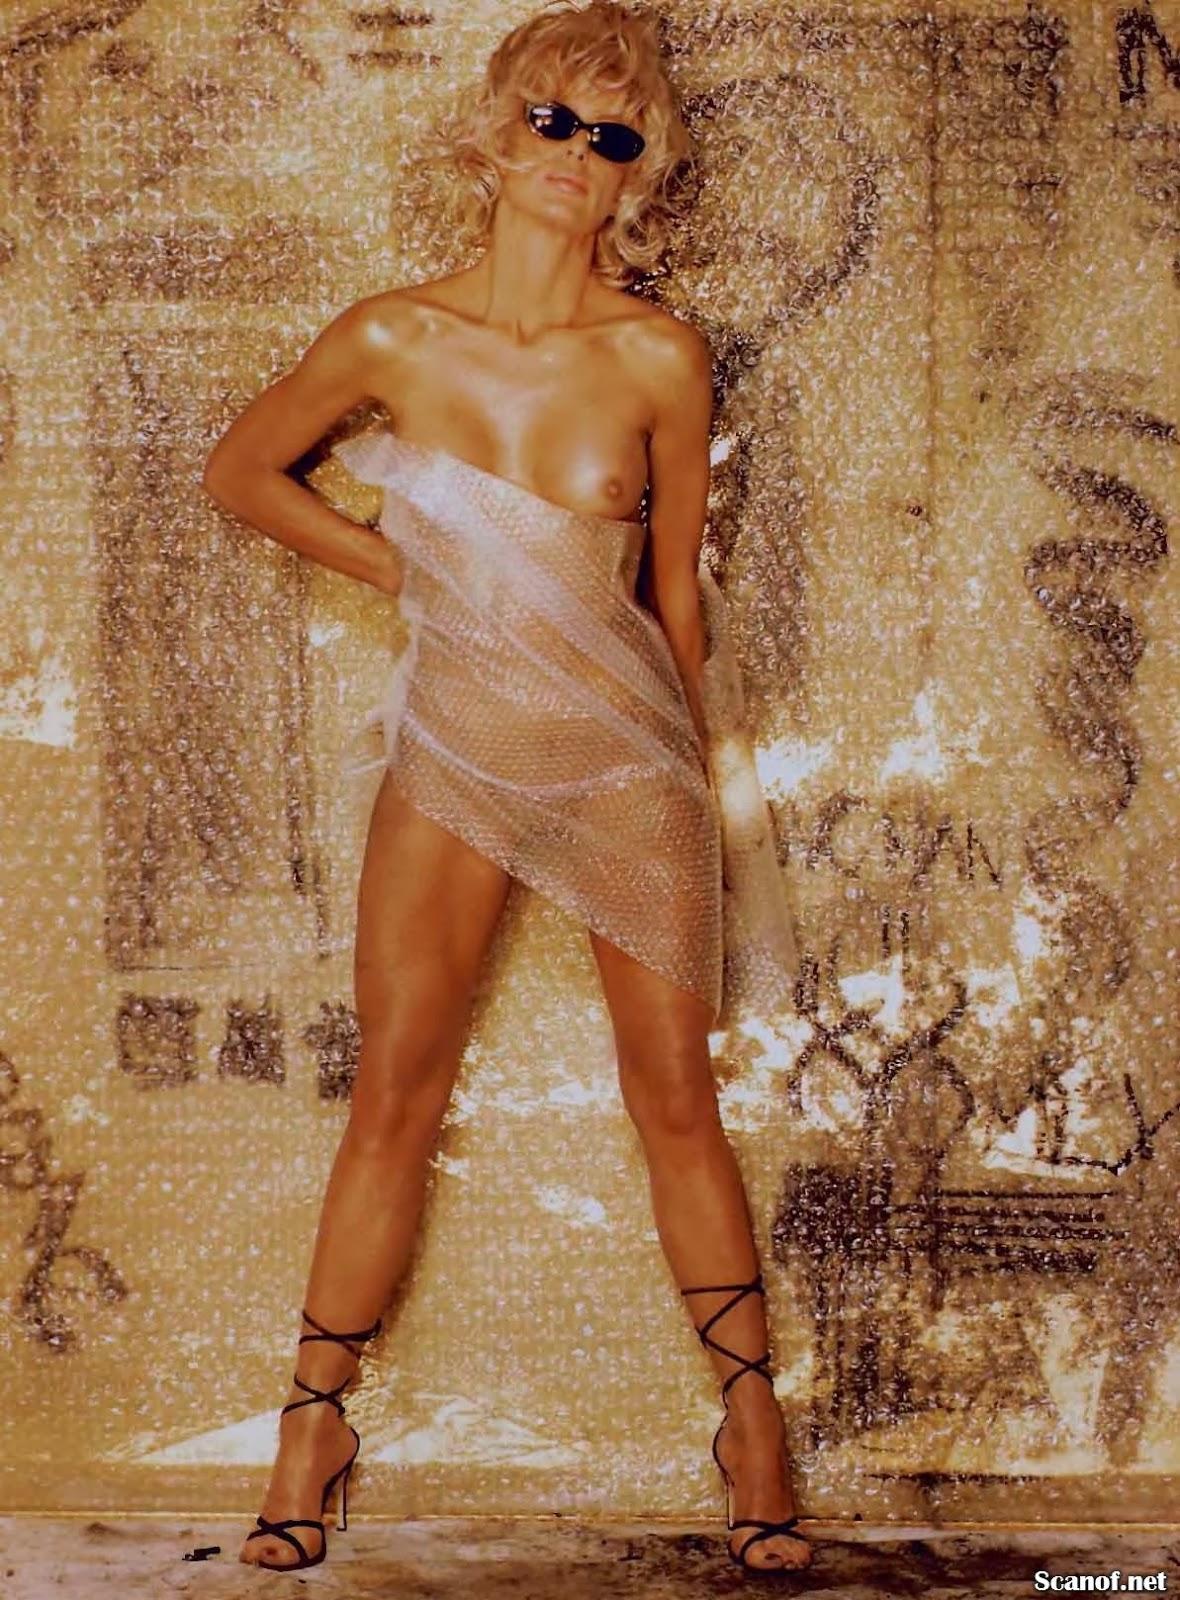 nude farrah fawcett